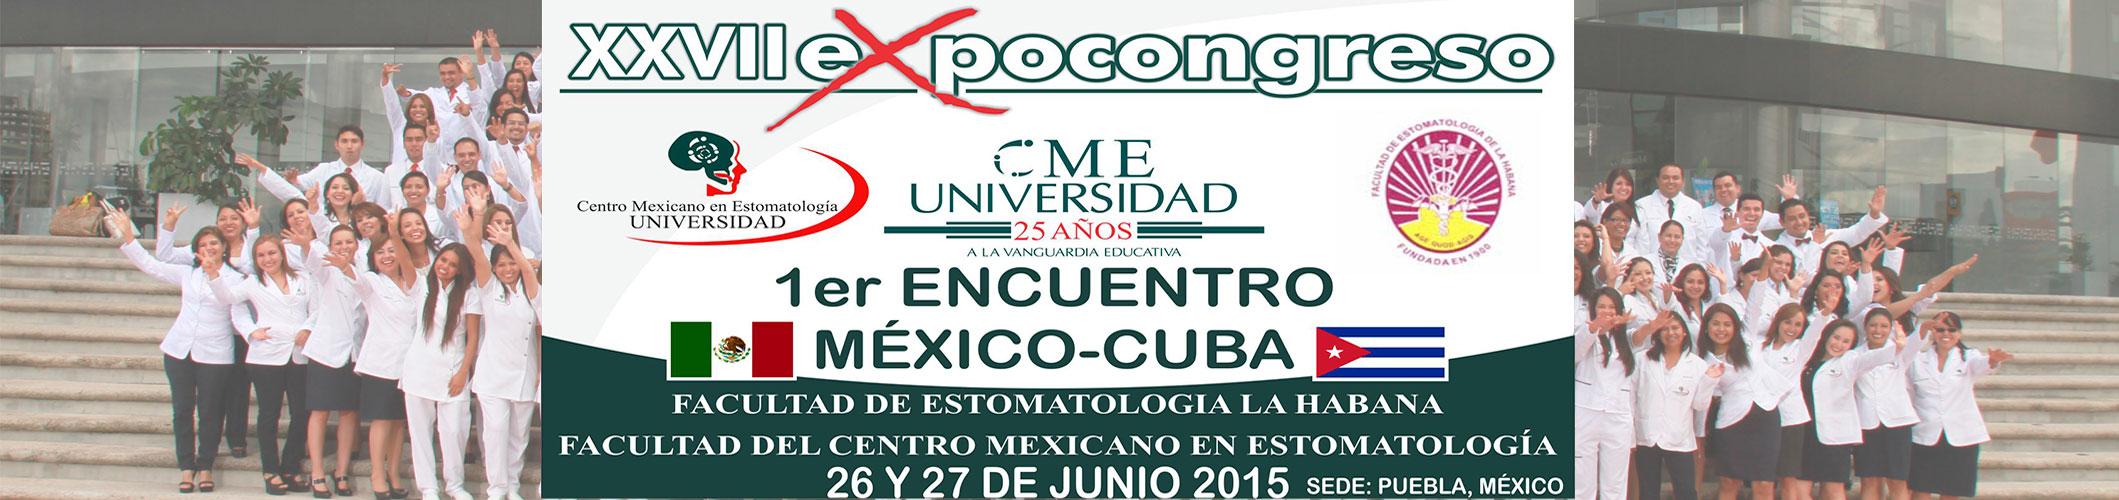 Expocongreso